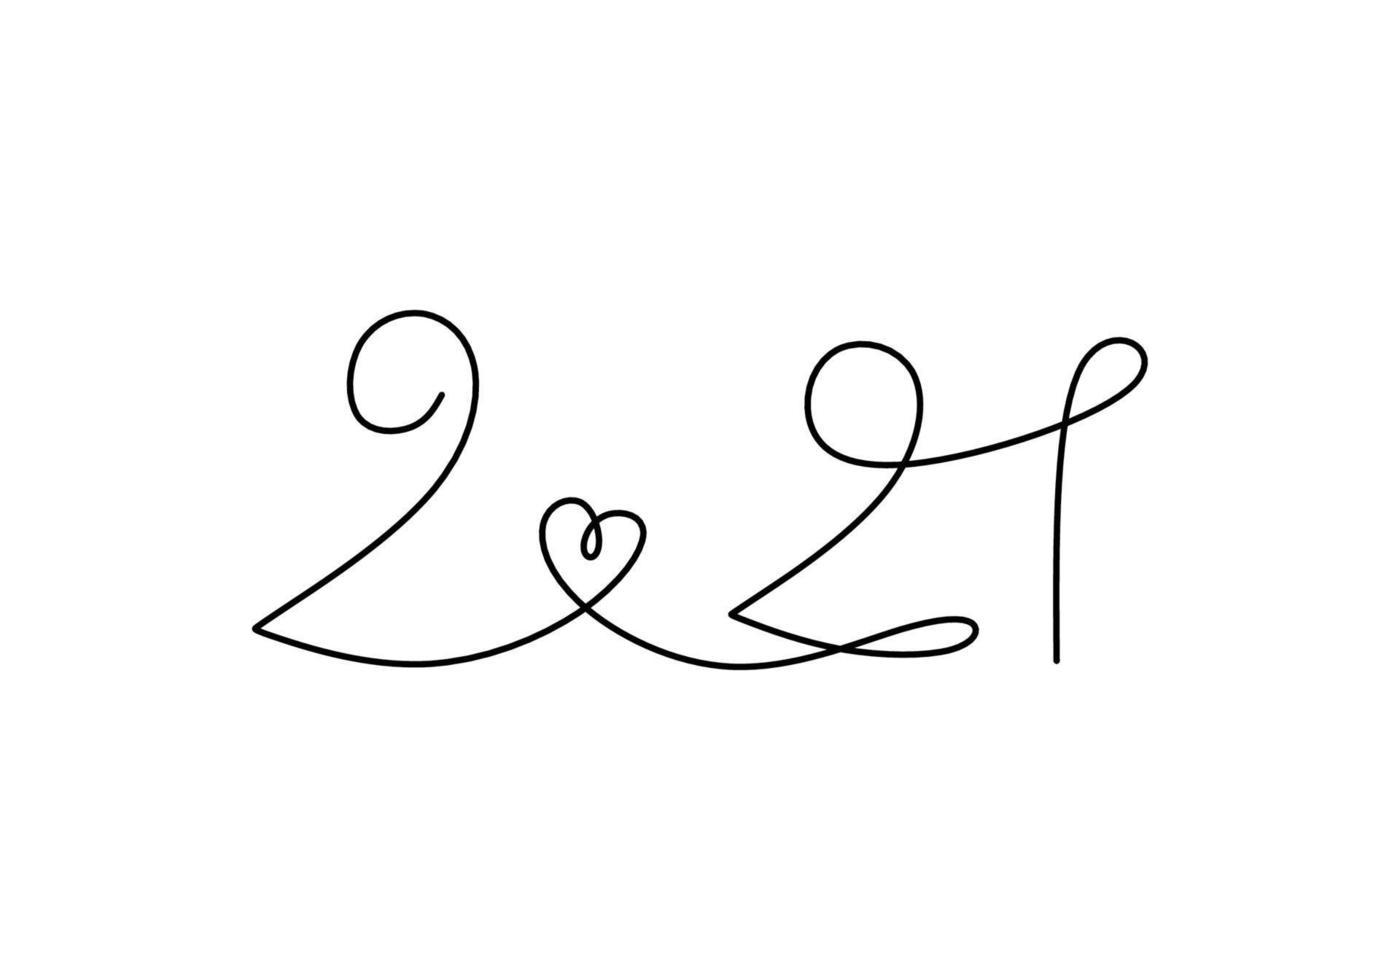 continu een lijntekening van een nieuw jaar 2021. chinees nieuwjaar van de stier handgeschreven letters. viering nieuwjaar concept geïsoleerd op een witte achtergrond. vector schets illustratie